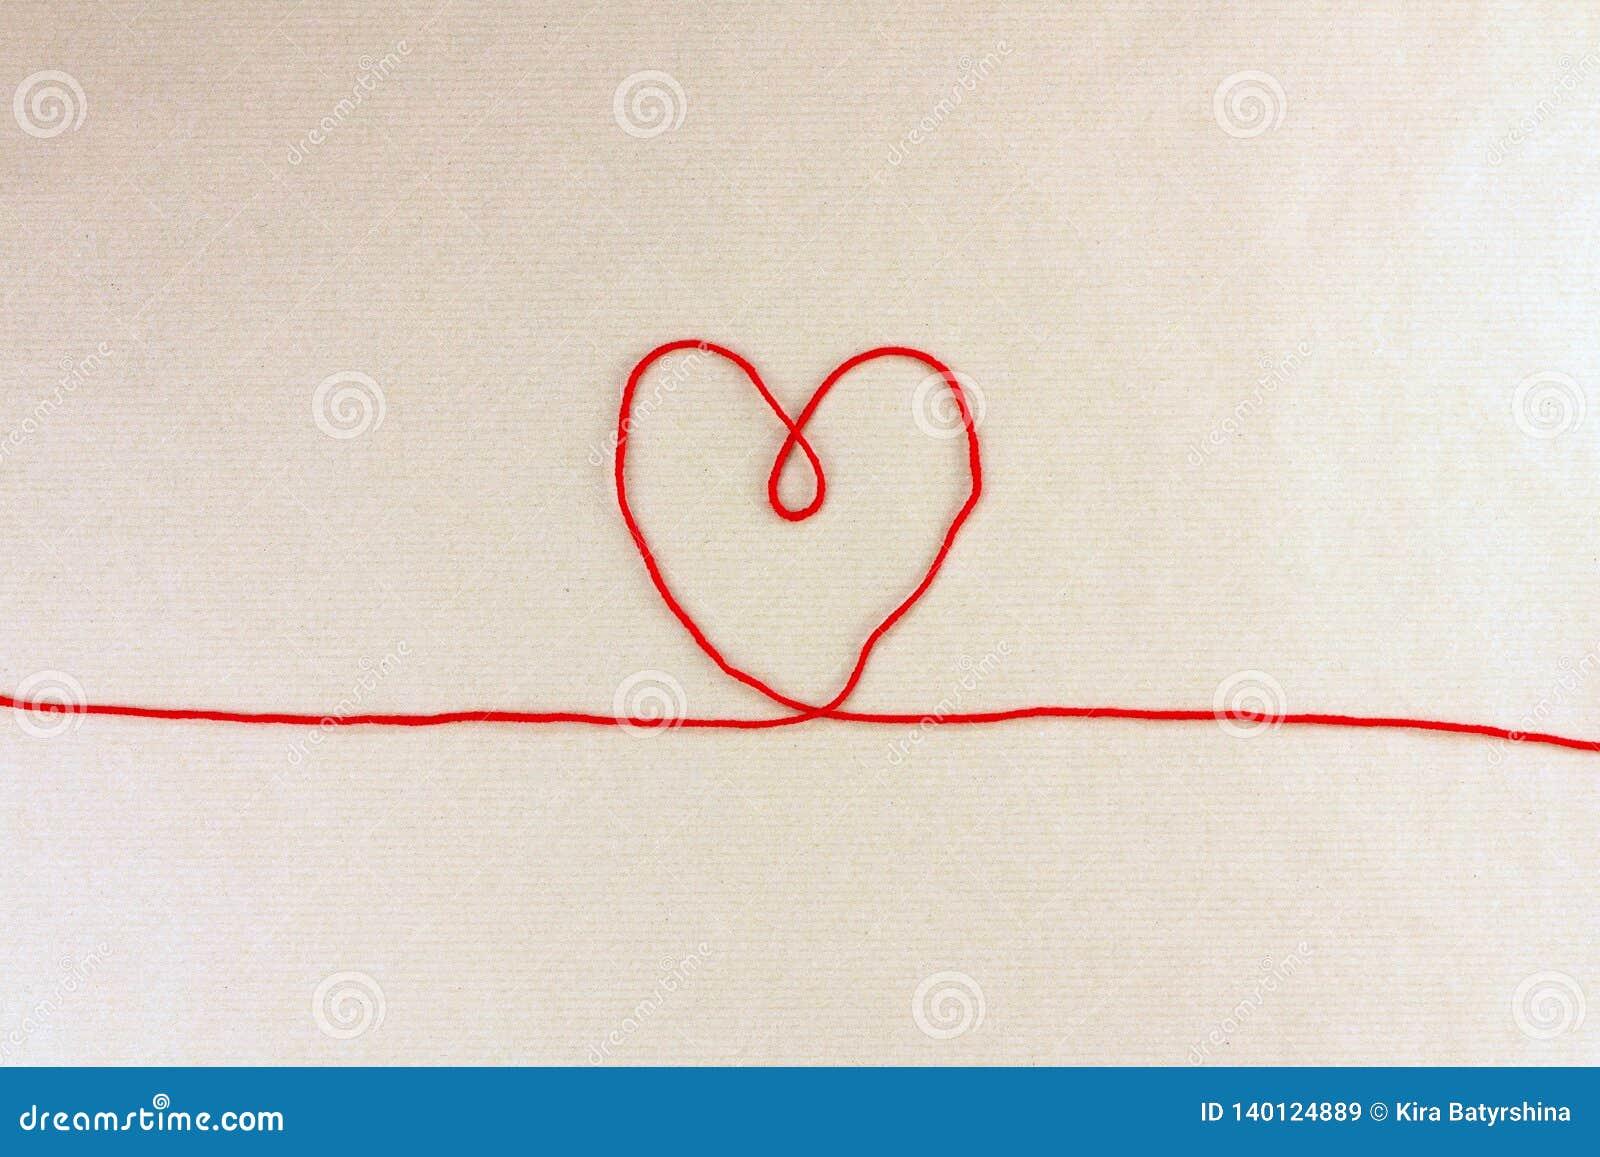 Rood draad, hart en verwarring op lichte ambachtdocument achtergrond, liefdeconcept, hoogste mening